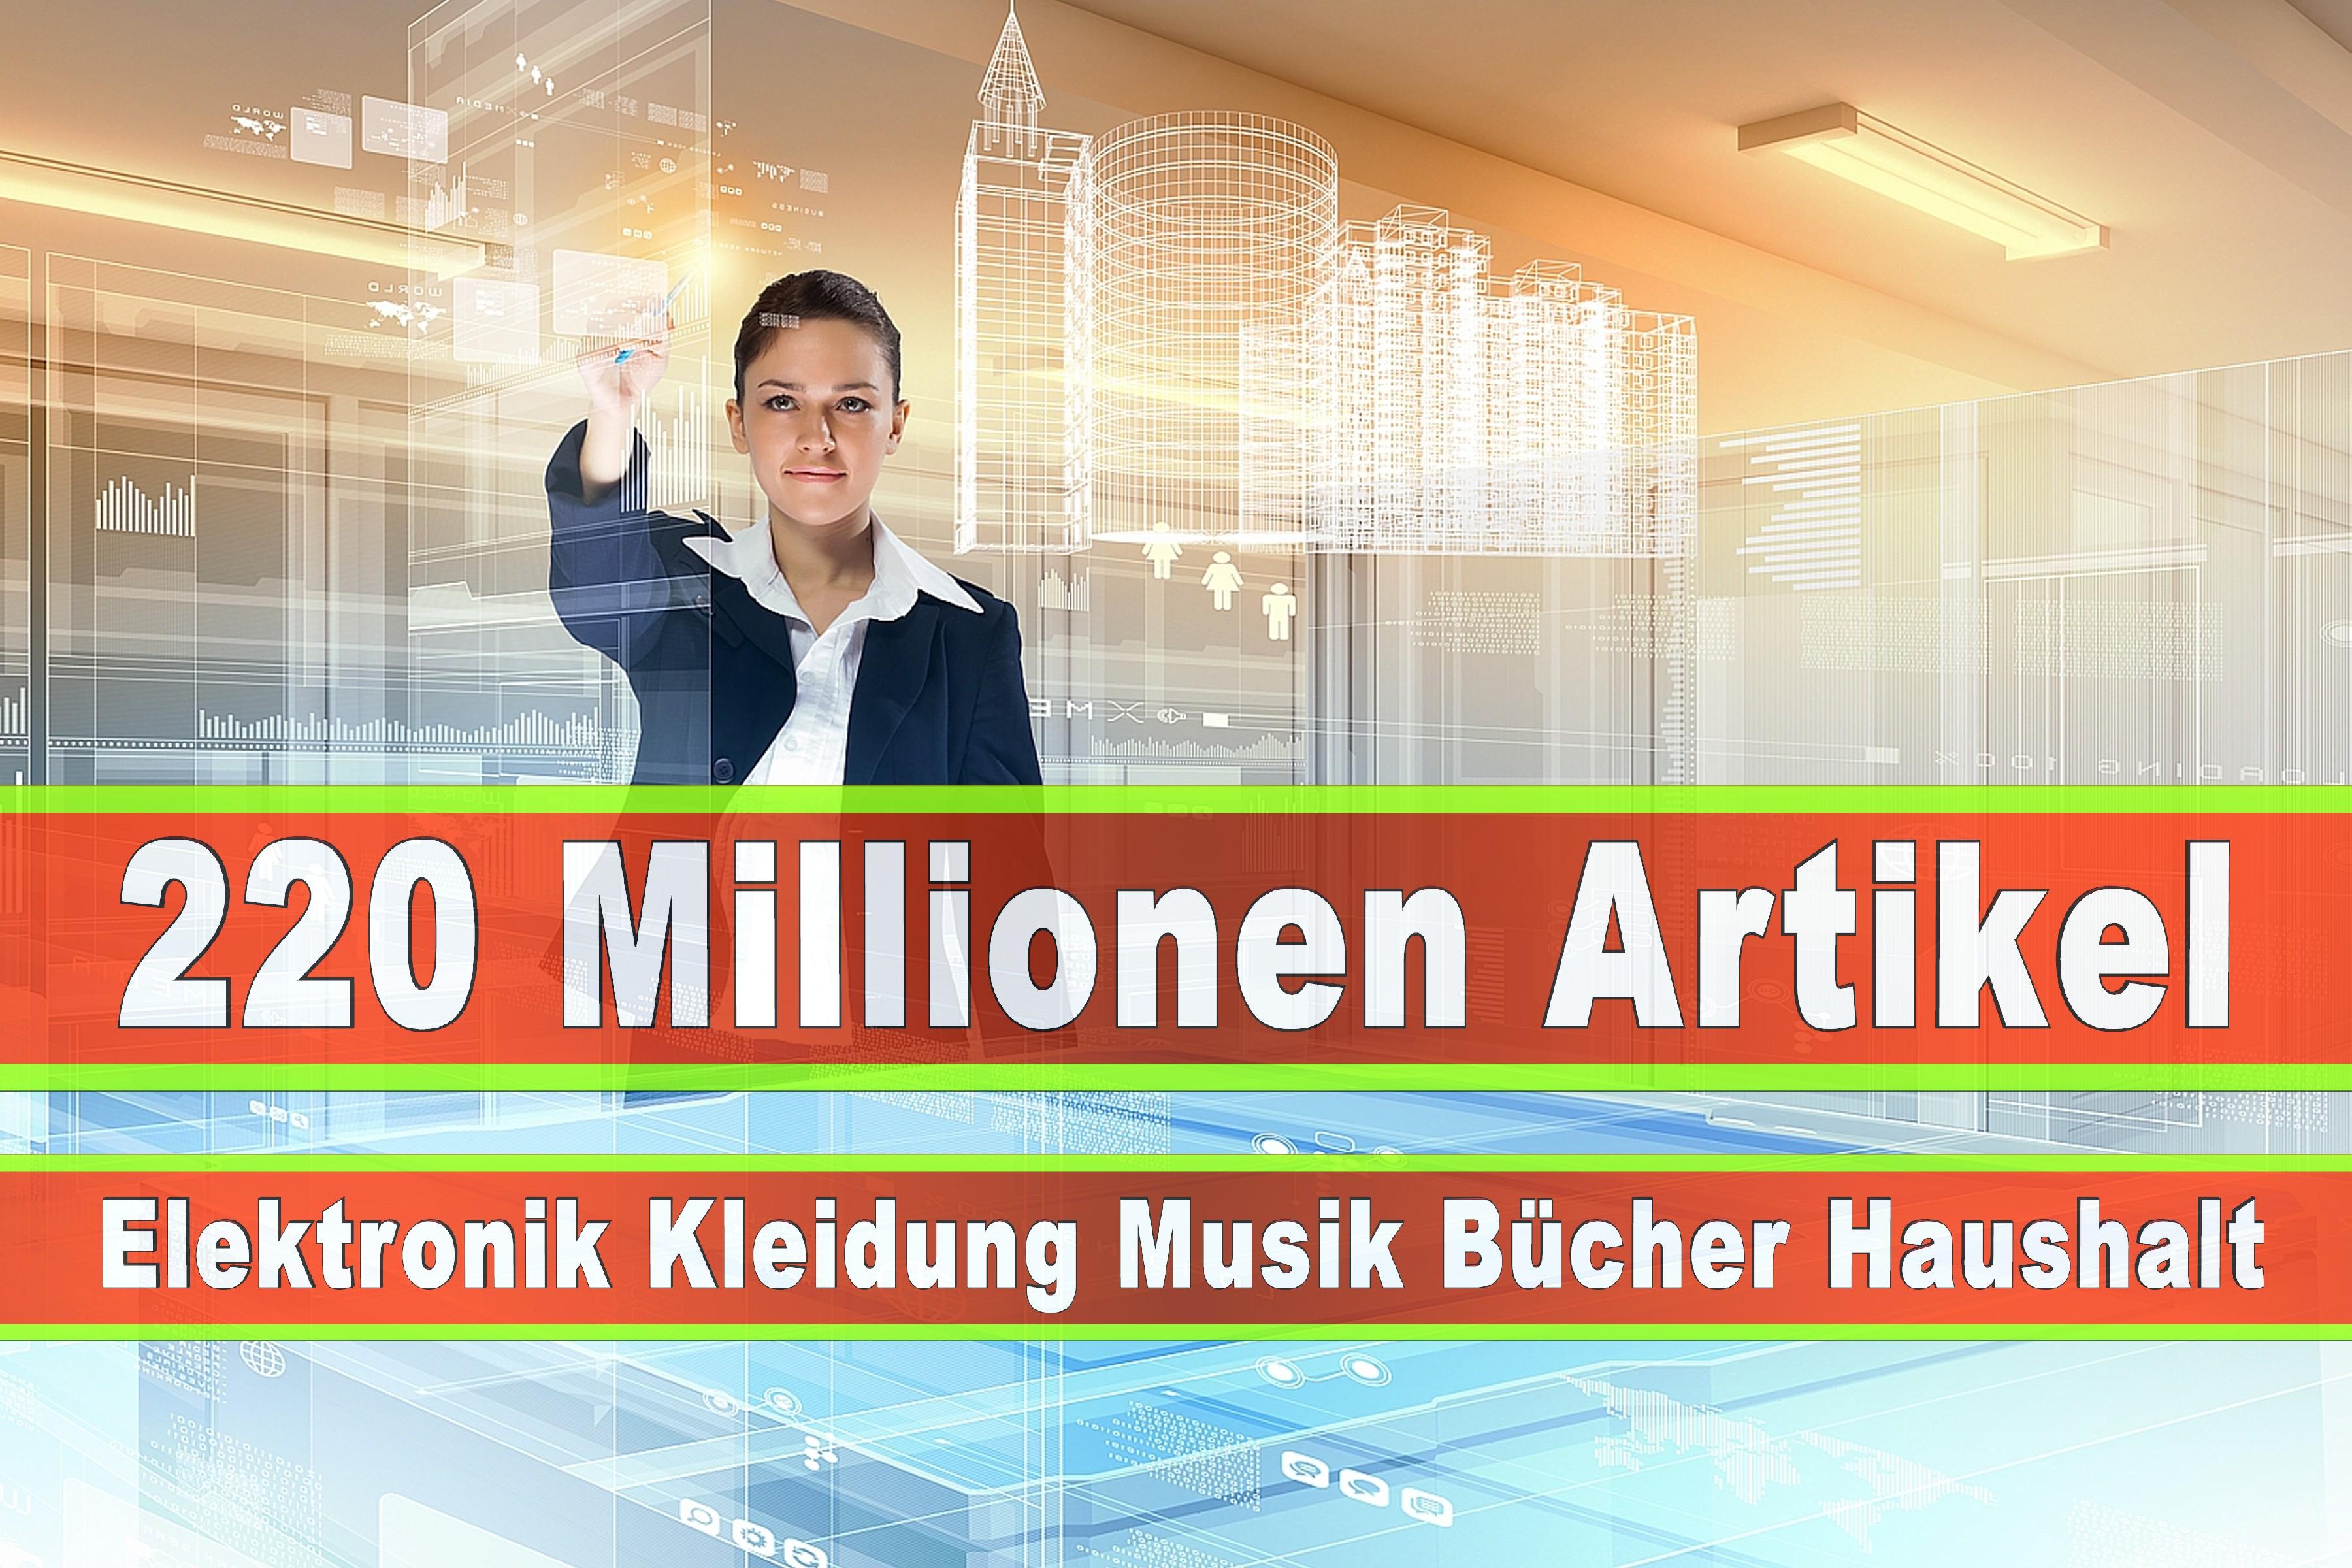 Amazon Elektronik Musik Haushalt Bücher CD DVD Handys Smartphones TV Television Fernseher Kleidung Mode Ebay Versandhaus (47)